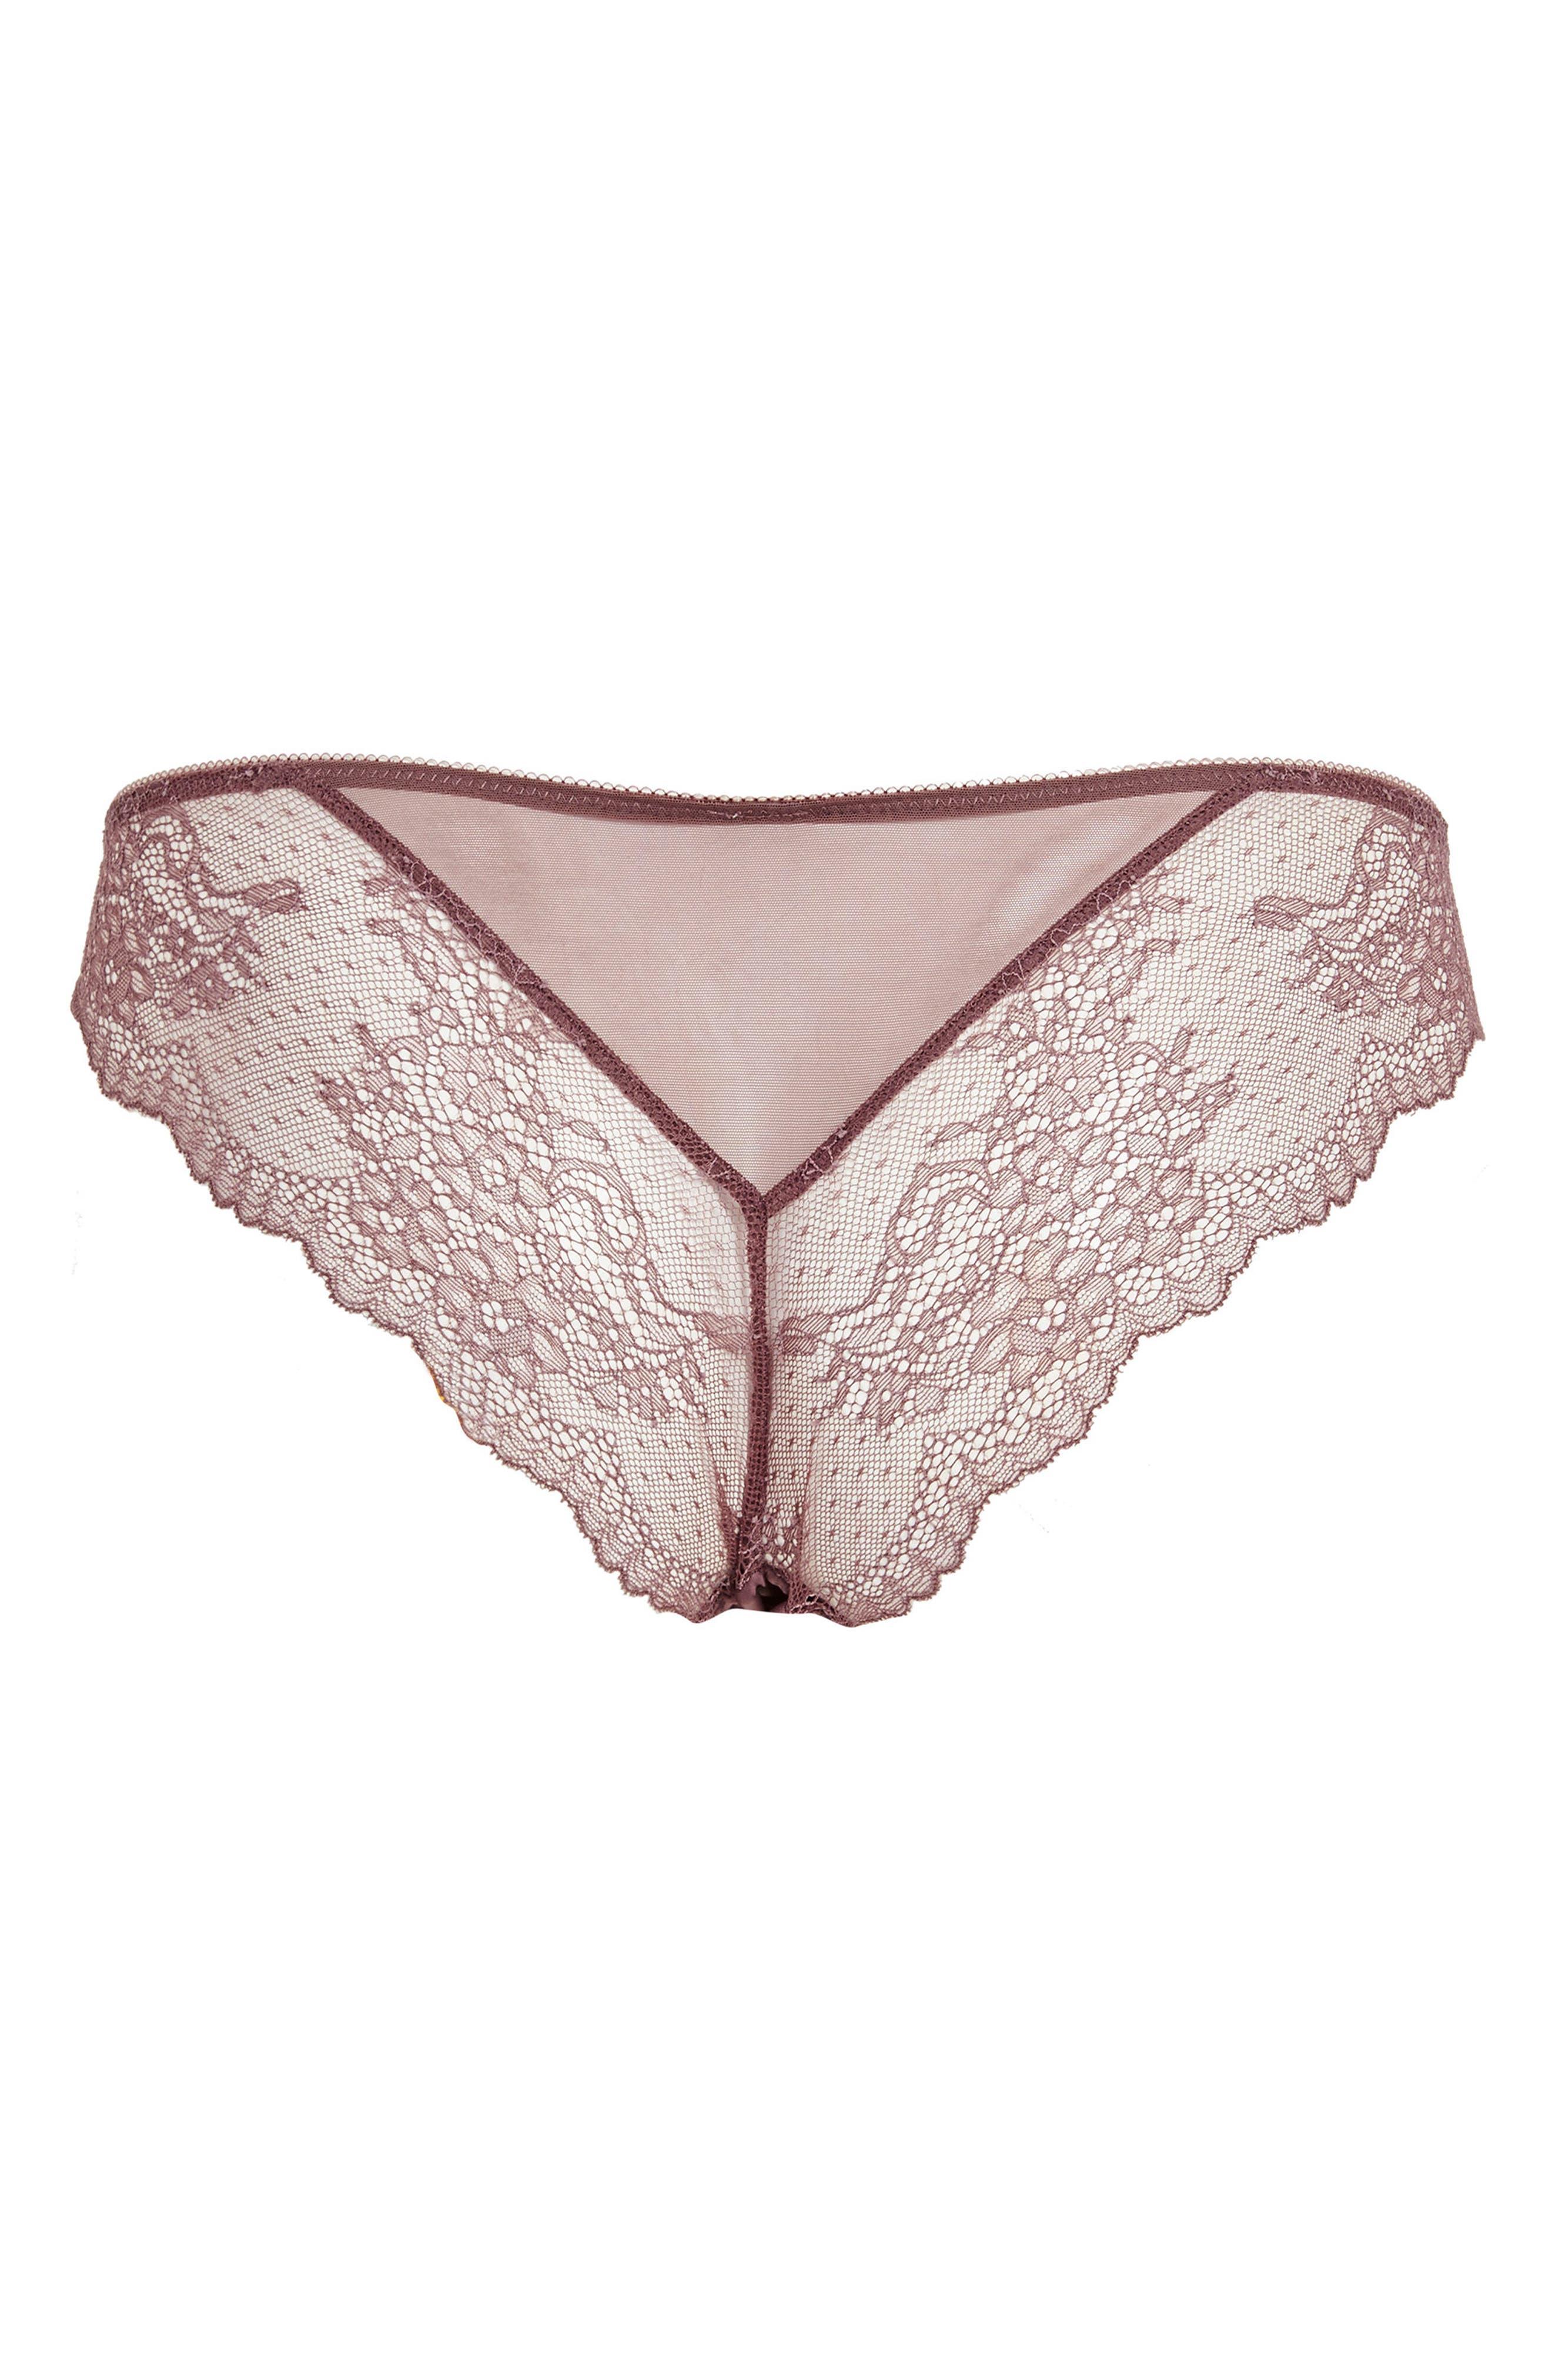 Alternate Image 3  - Topshop Raven Satin Panties